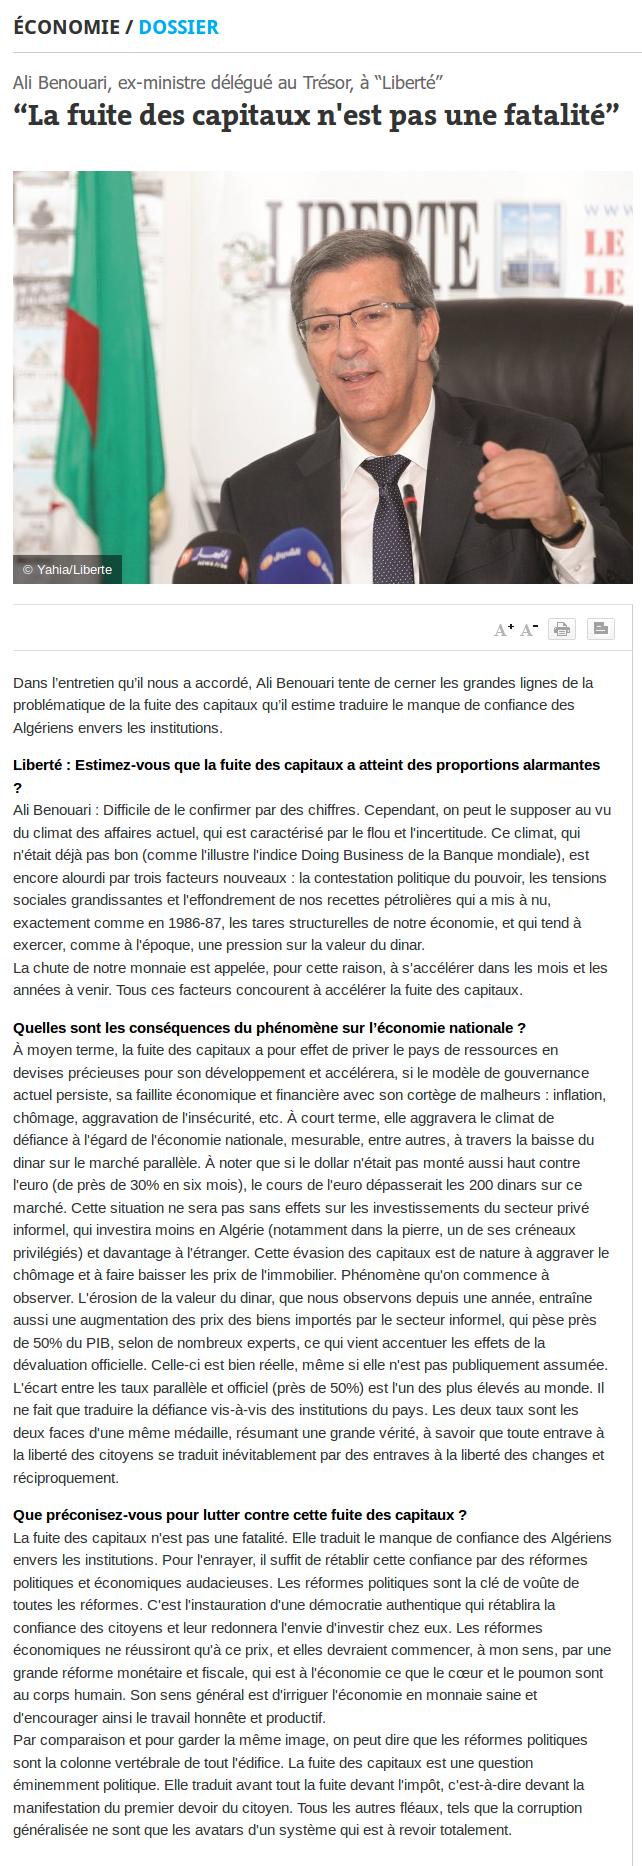 ali-benouari-journal-liberte-la-fuite-des-capitaux-n-est-pas-une-fatalite-18022015